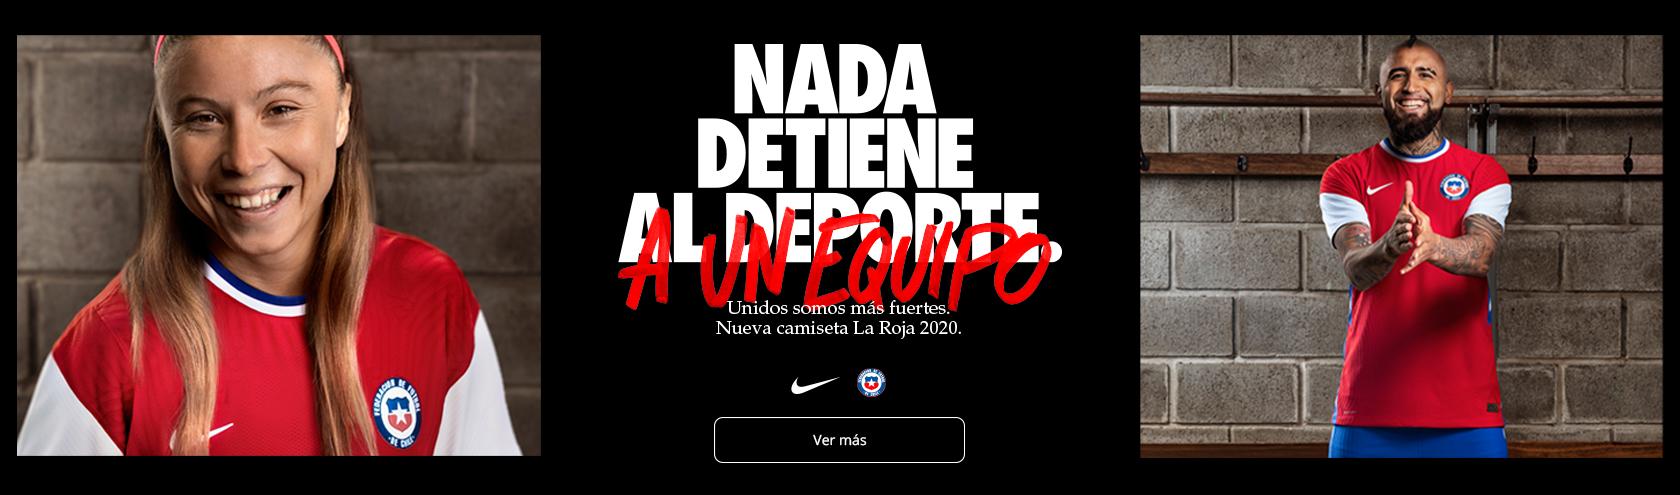 Lanzamiento Camiseta La Roja Nike